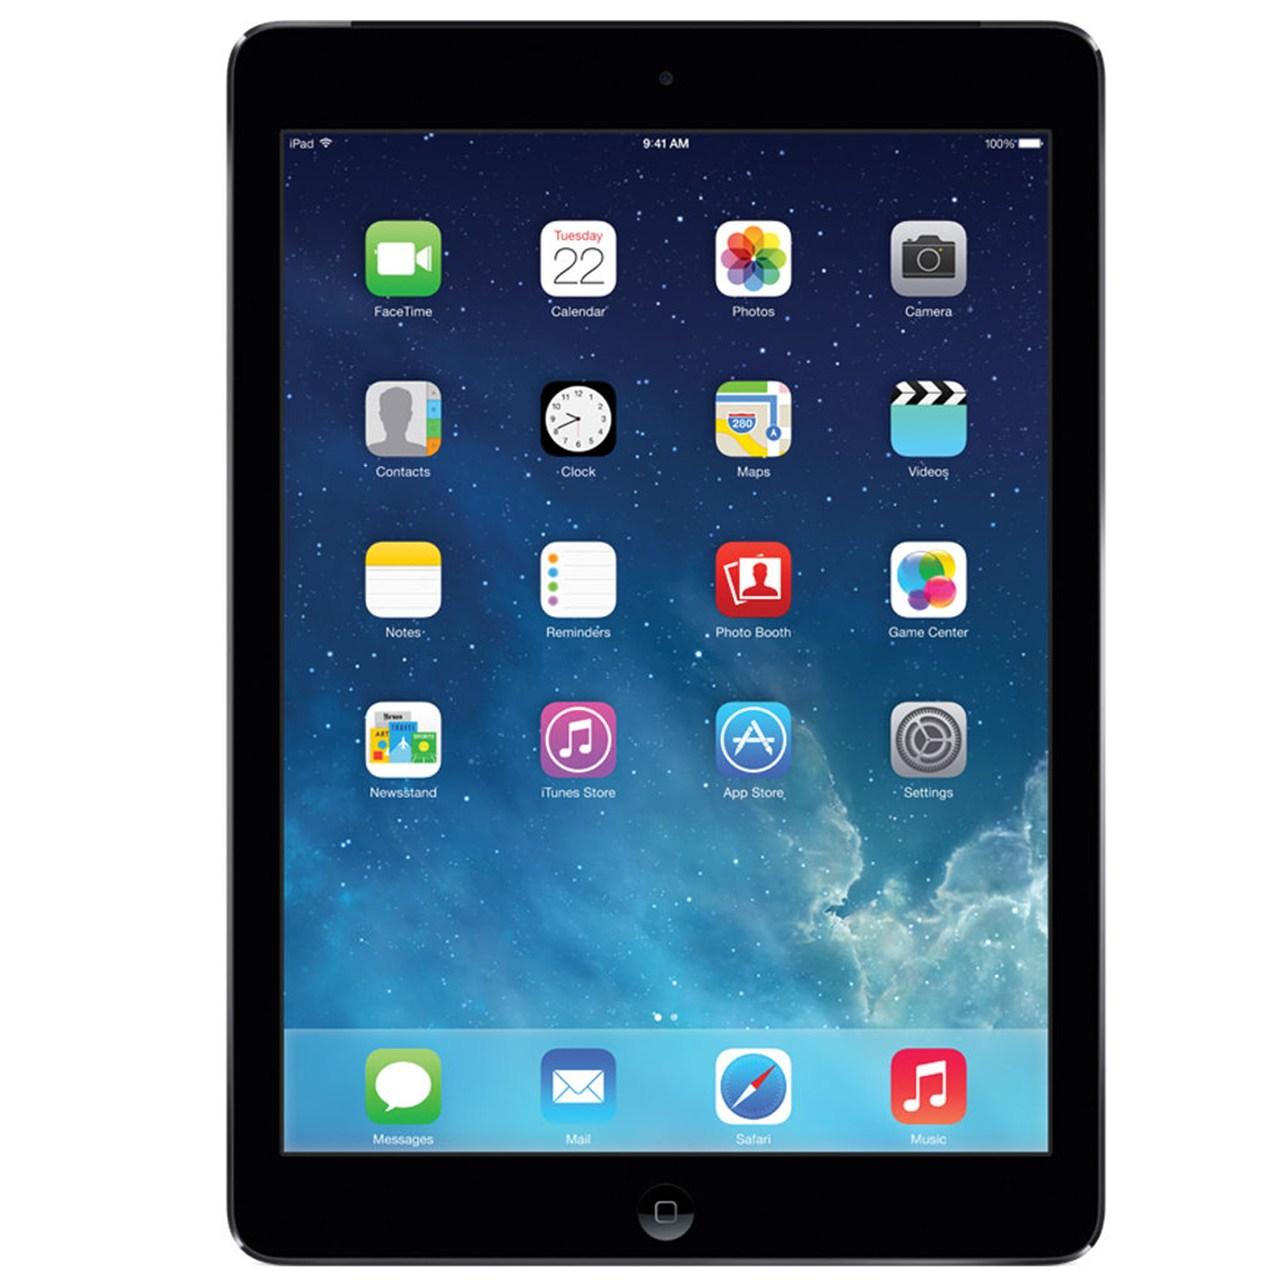 تبلت اپل مدل iPad Air 4G ظرفیت 64 گیگابایت